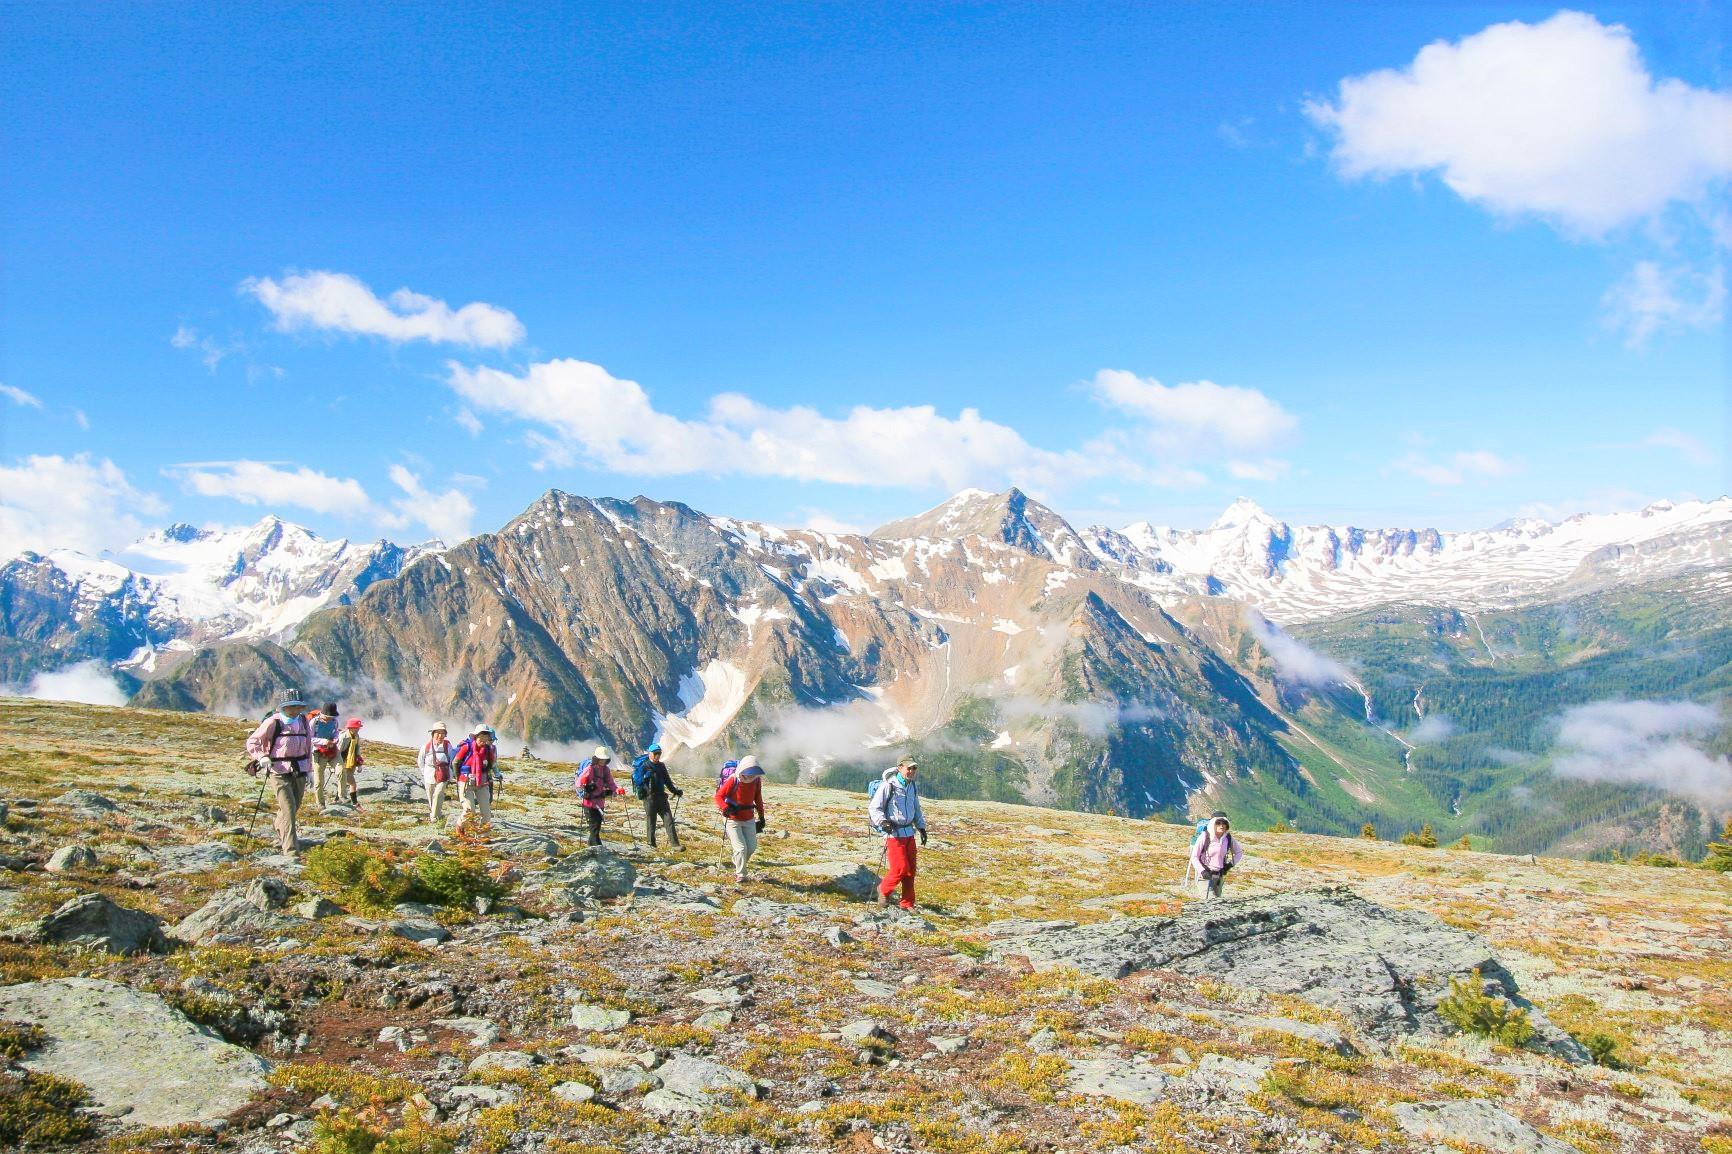 ロッキー山脈とセルカーク山脈に挟まれた大展望の稜線散歩が楽しめる